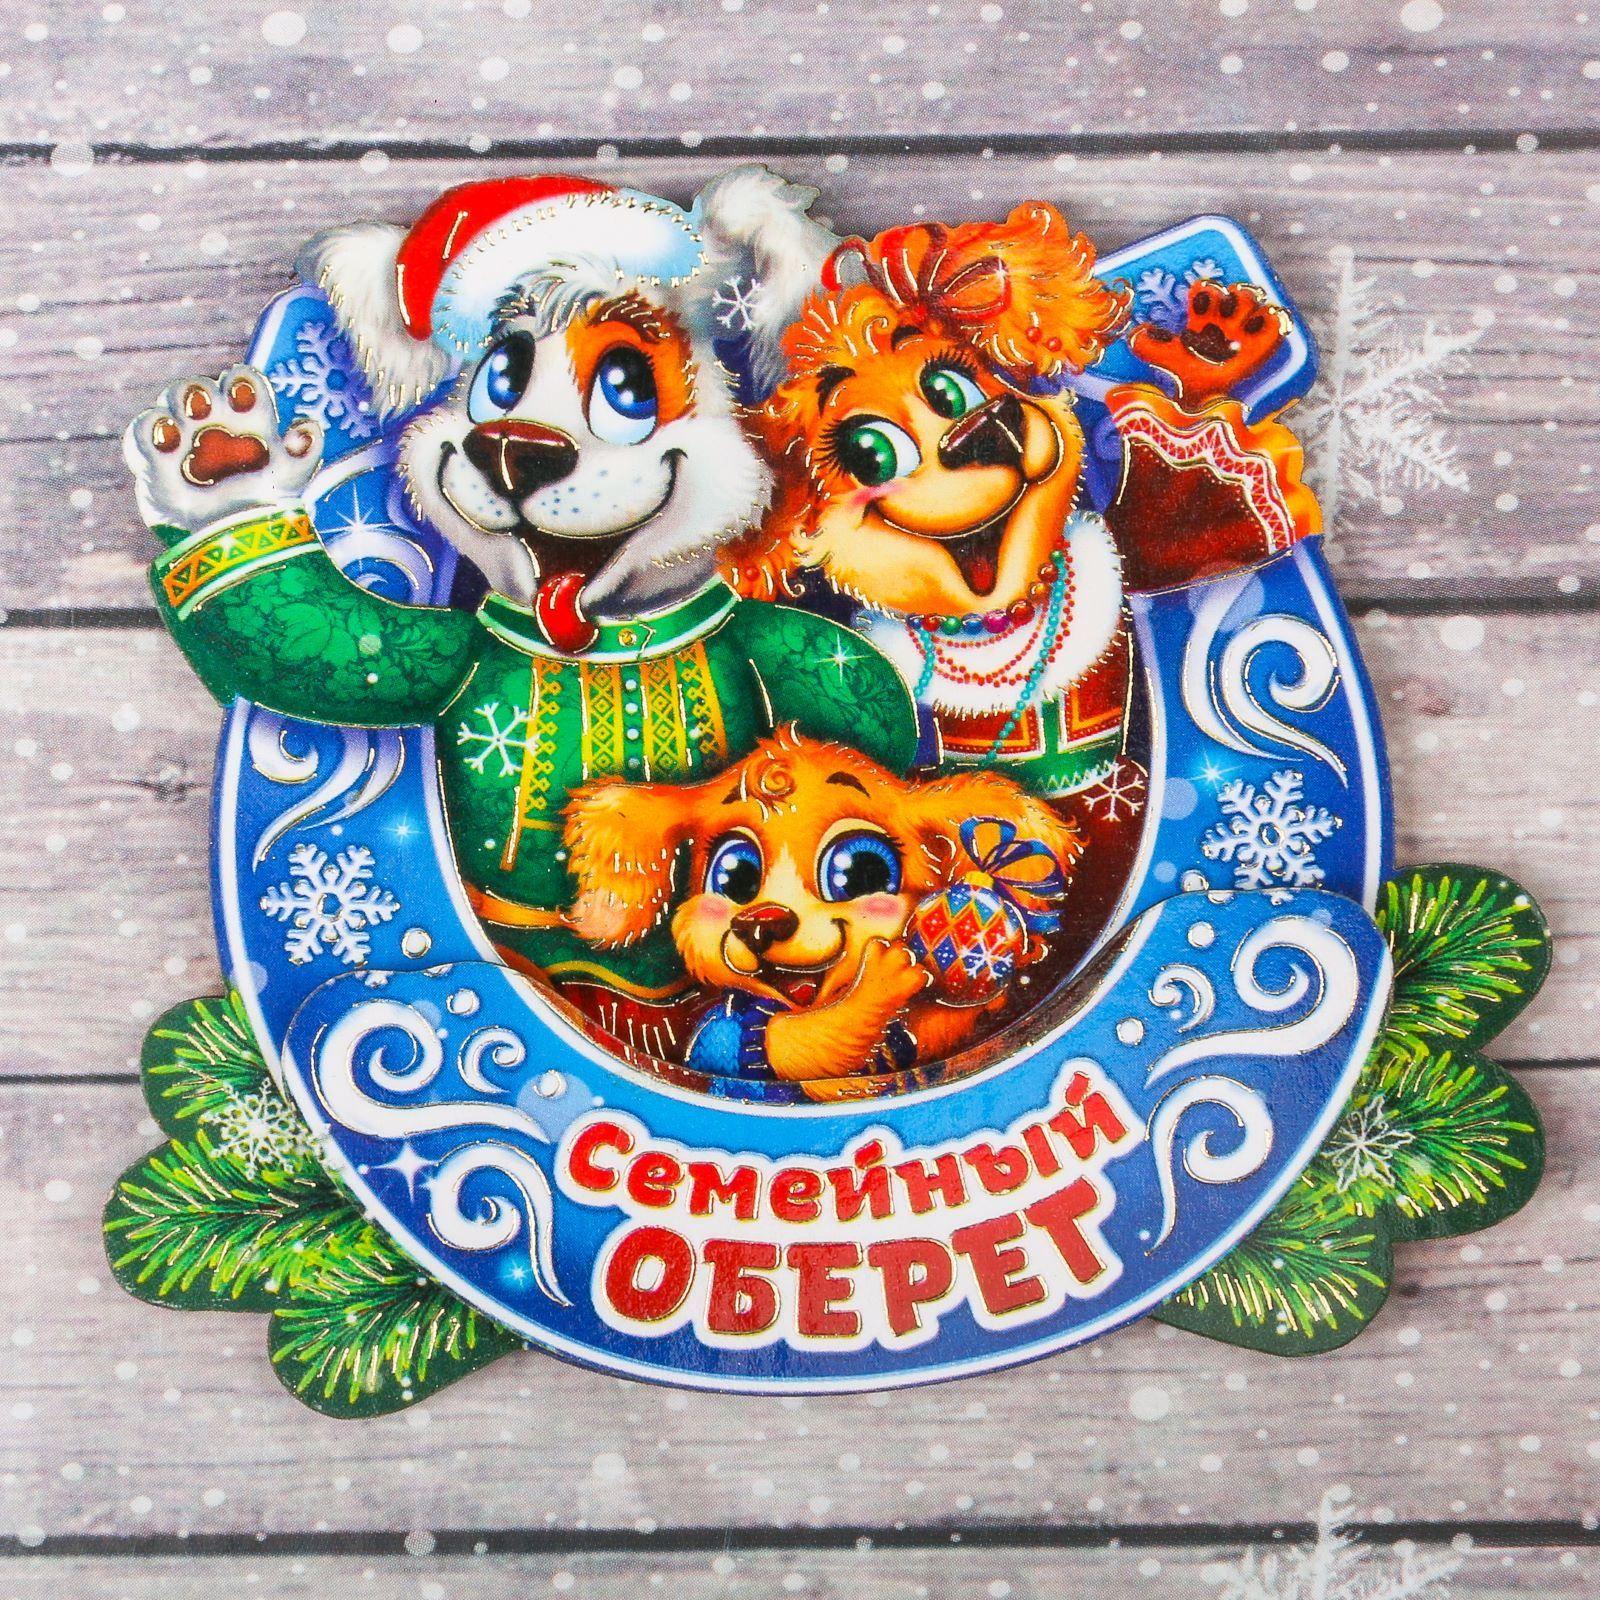 Магнит Sima-land Семейный оберег, 8,5 х 7,4 см1982818Порадуйте родных и близких оригинальным сувениром: преподнесите в подарок магнит. С ним даже самый серьёзный человек почувствует себя ребёнком, ожидающим чудо! Создайте праздничное настроение, и оно останется с вами на весь год.